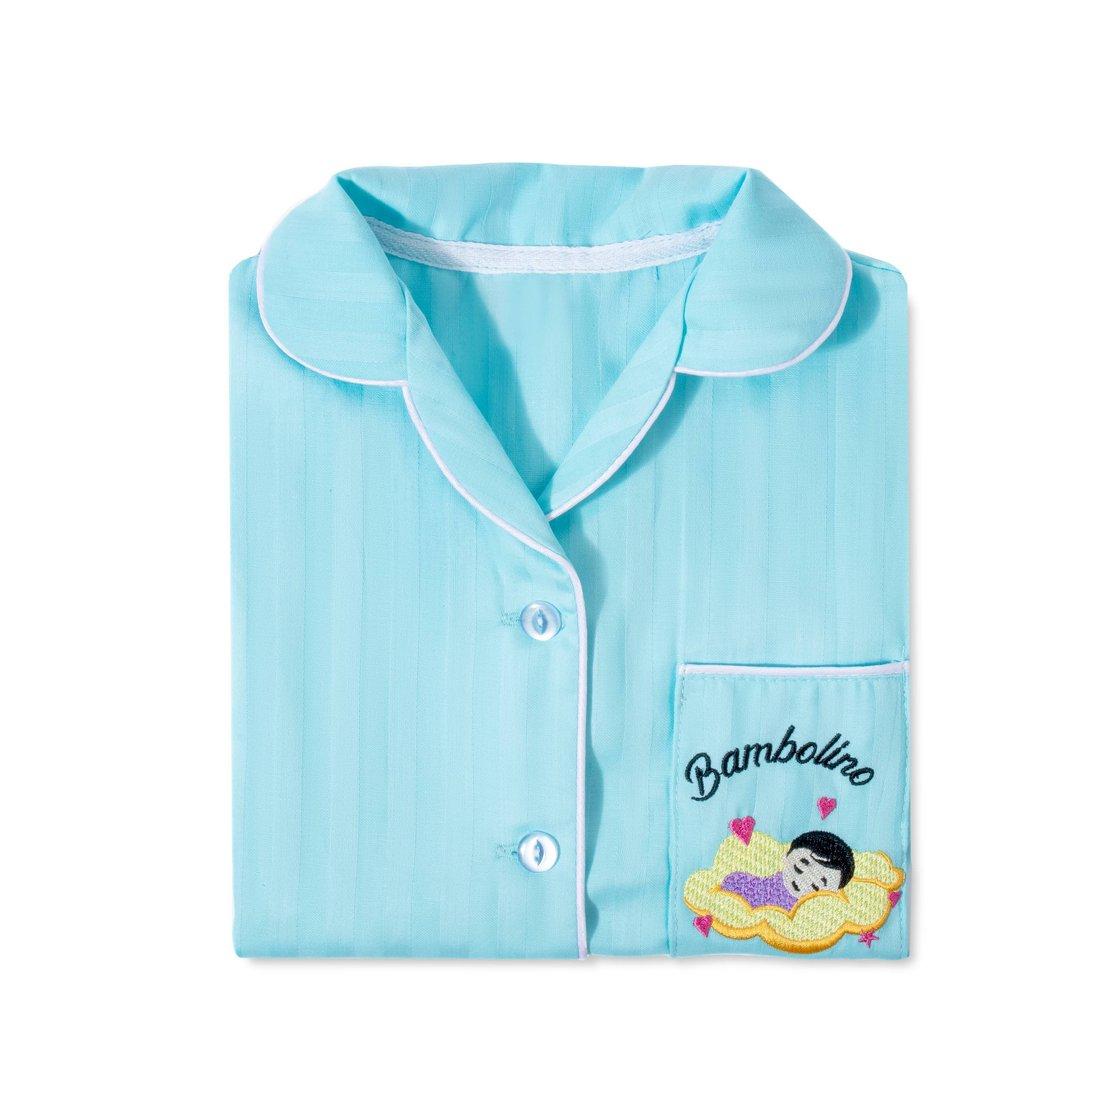 Детская пижама Bambolino, голубая 110 шапка детская barkito голубая